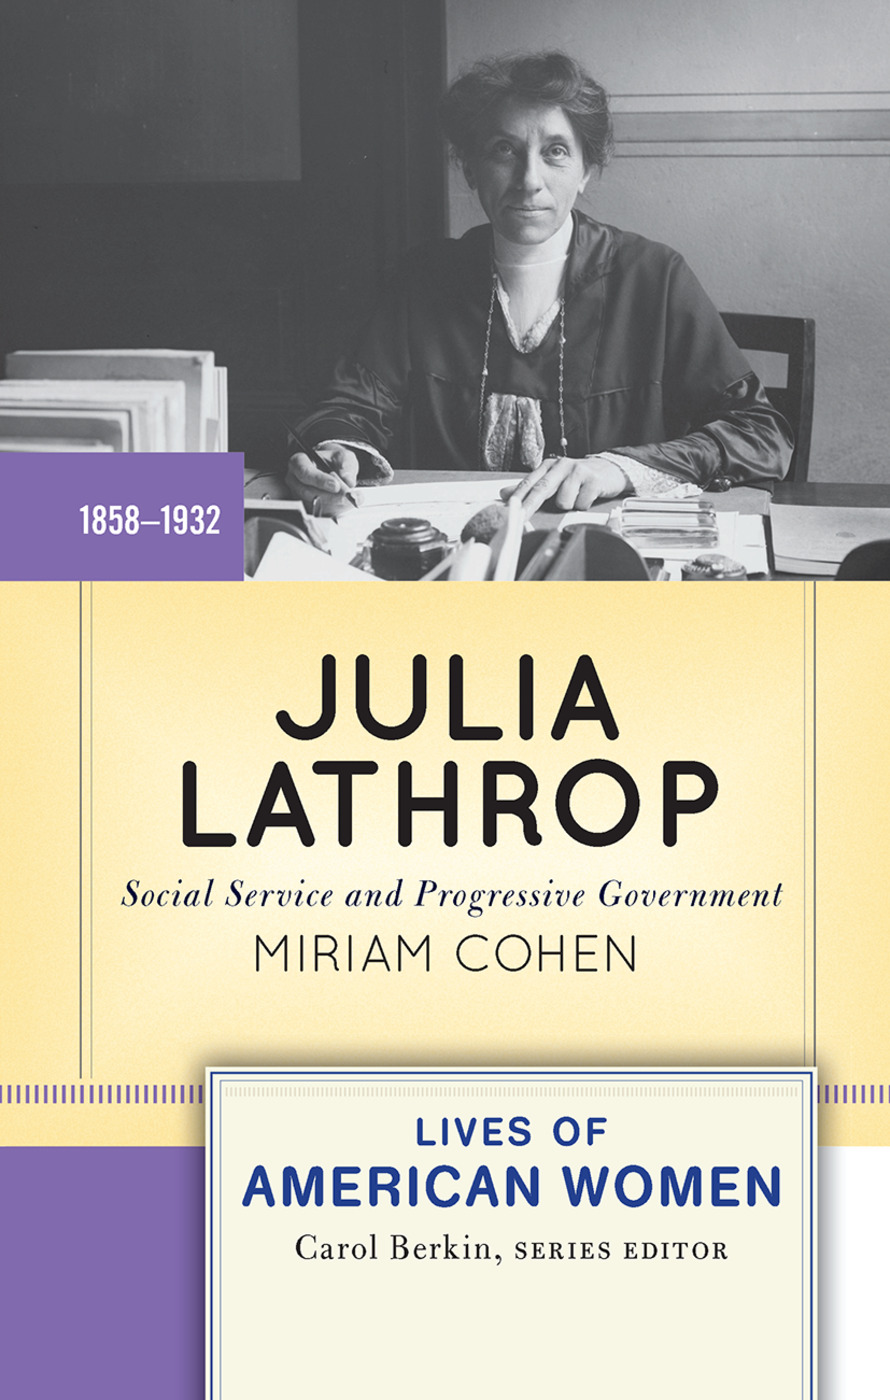 Julia Lathrop: Social Service and Progressive Government book cover